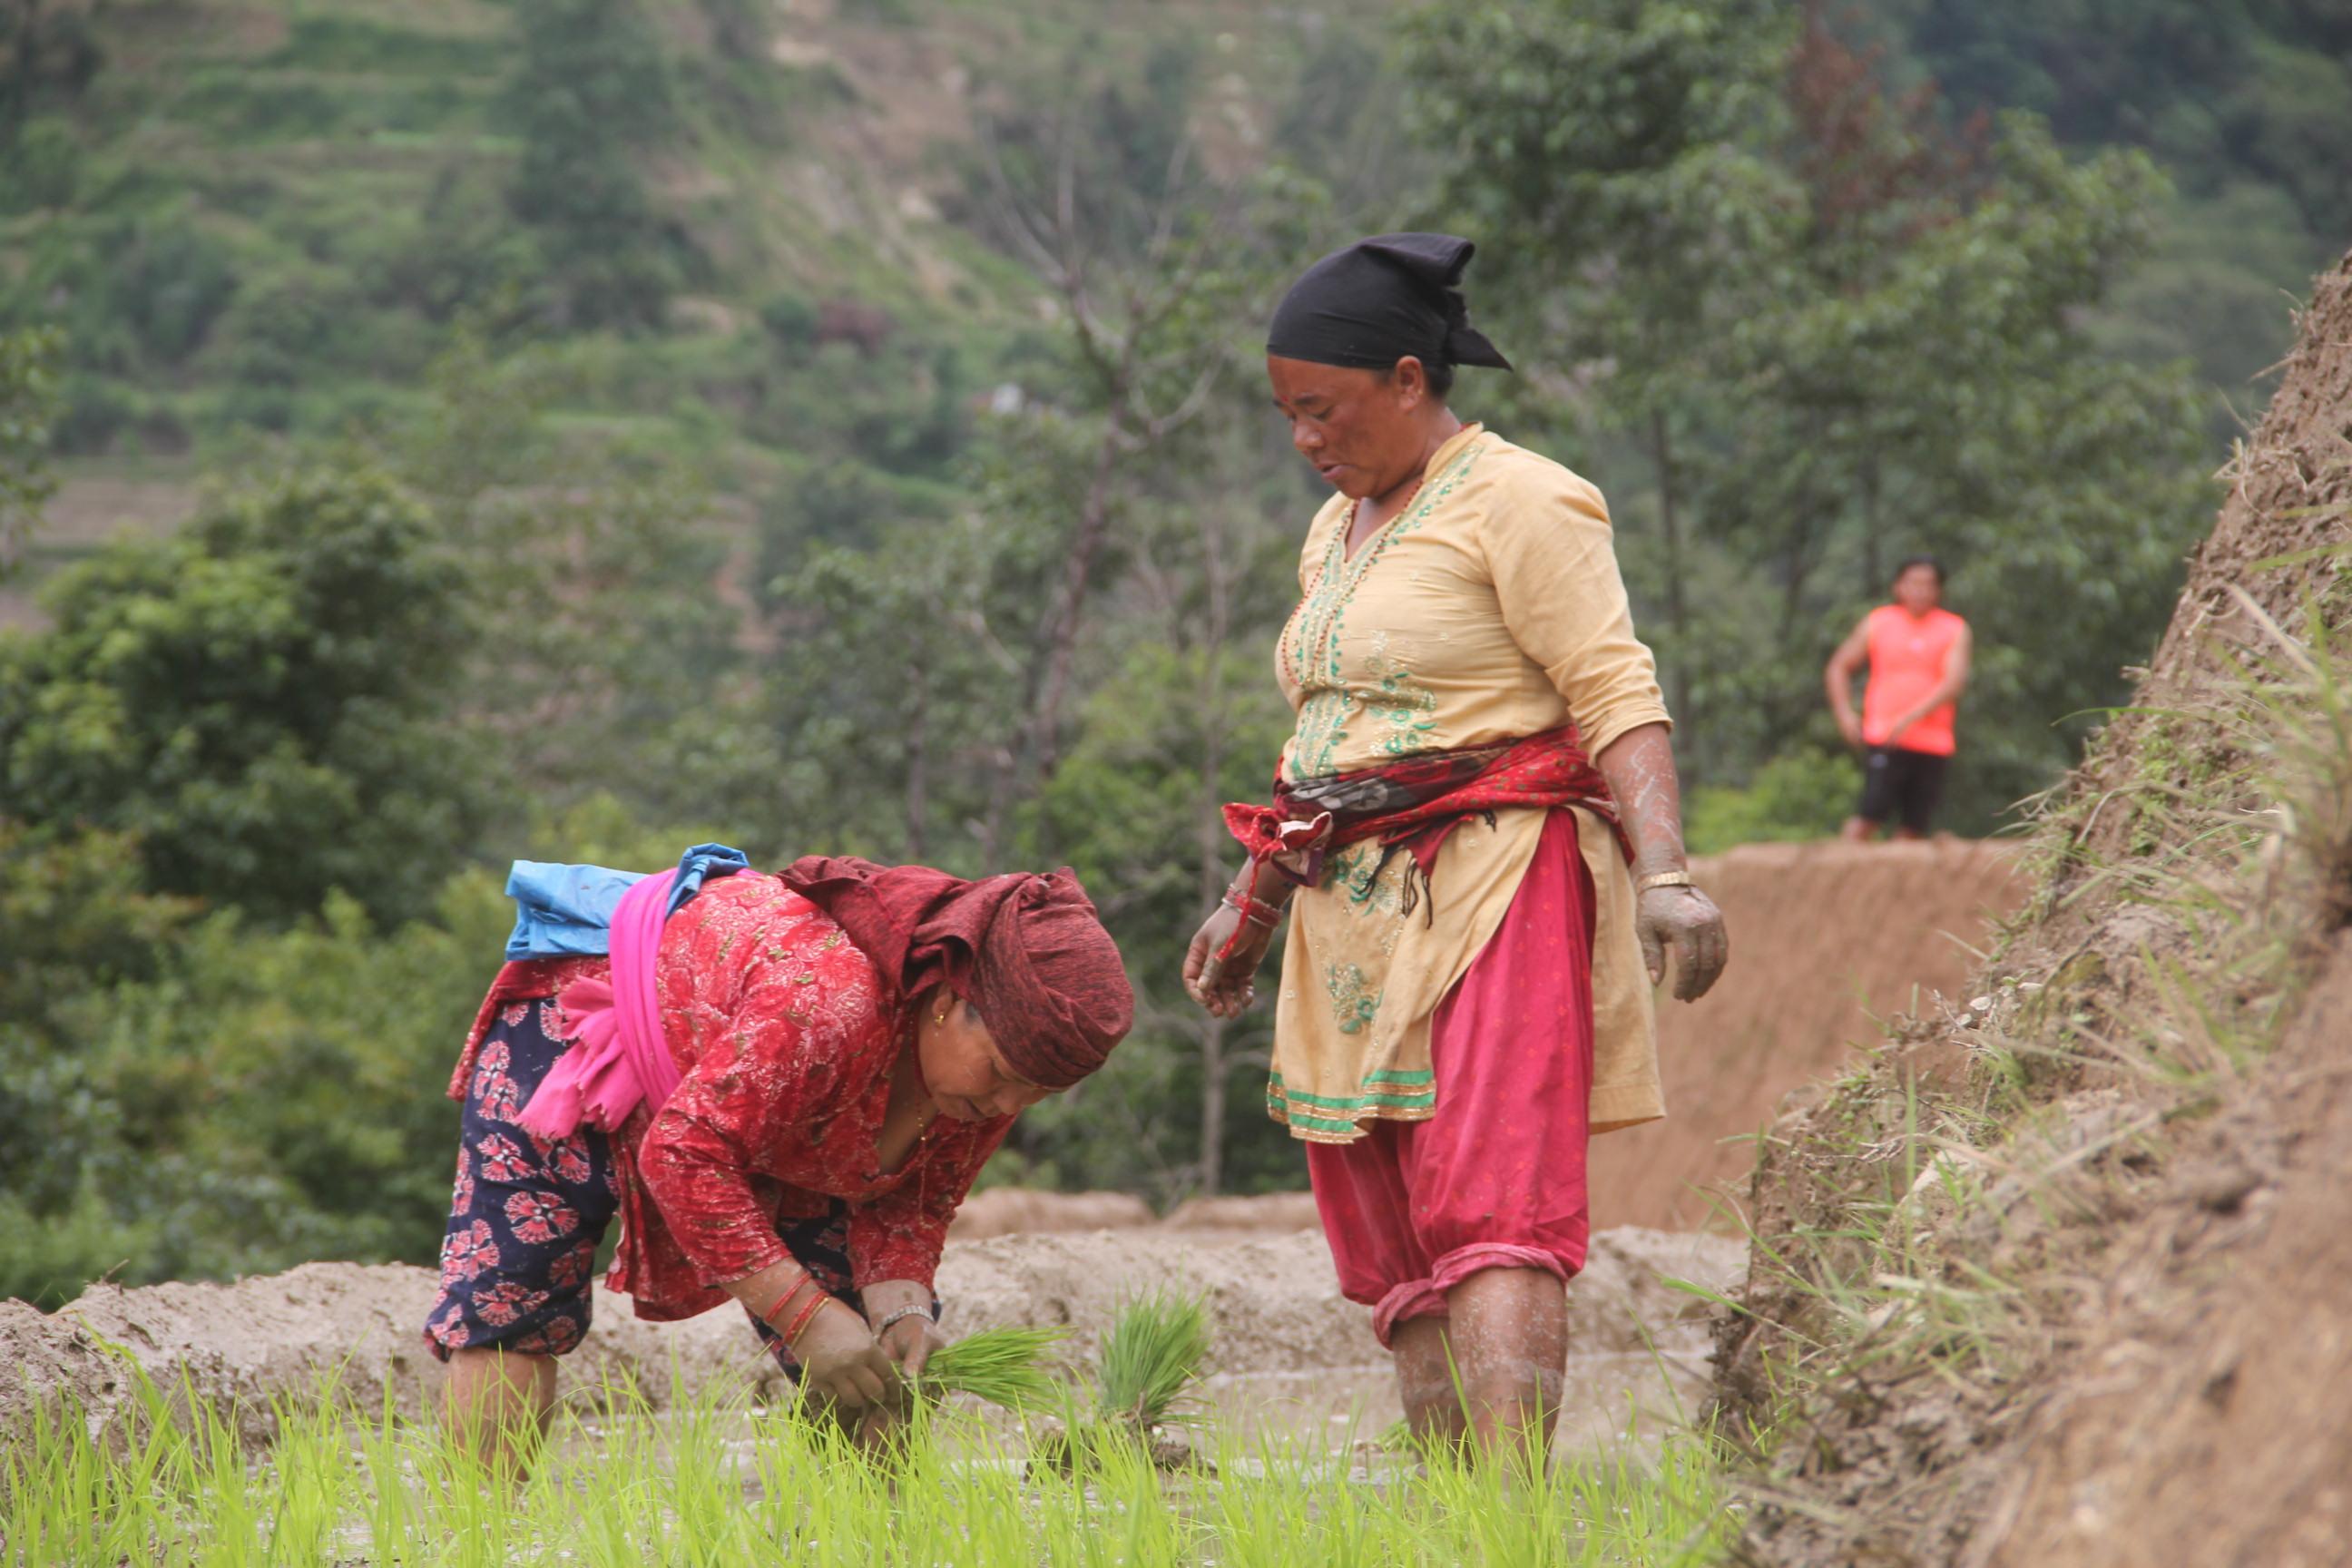 किसानलाई रोपाइको चटारो,काठमाडौँ तिनपिप्लेका किसानहरु धान रोपाई गर्दै